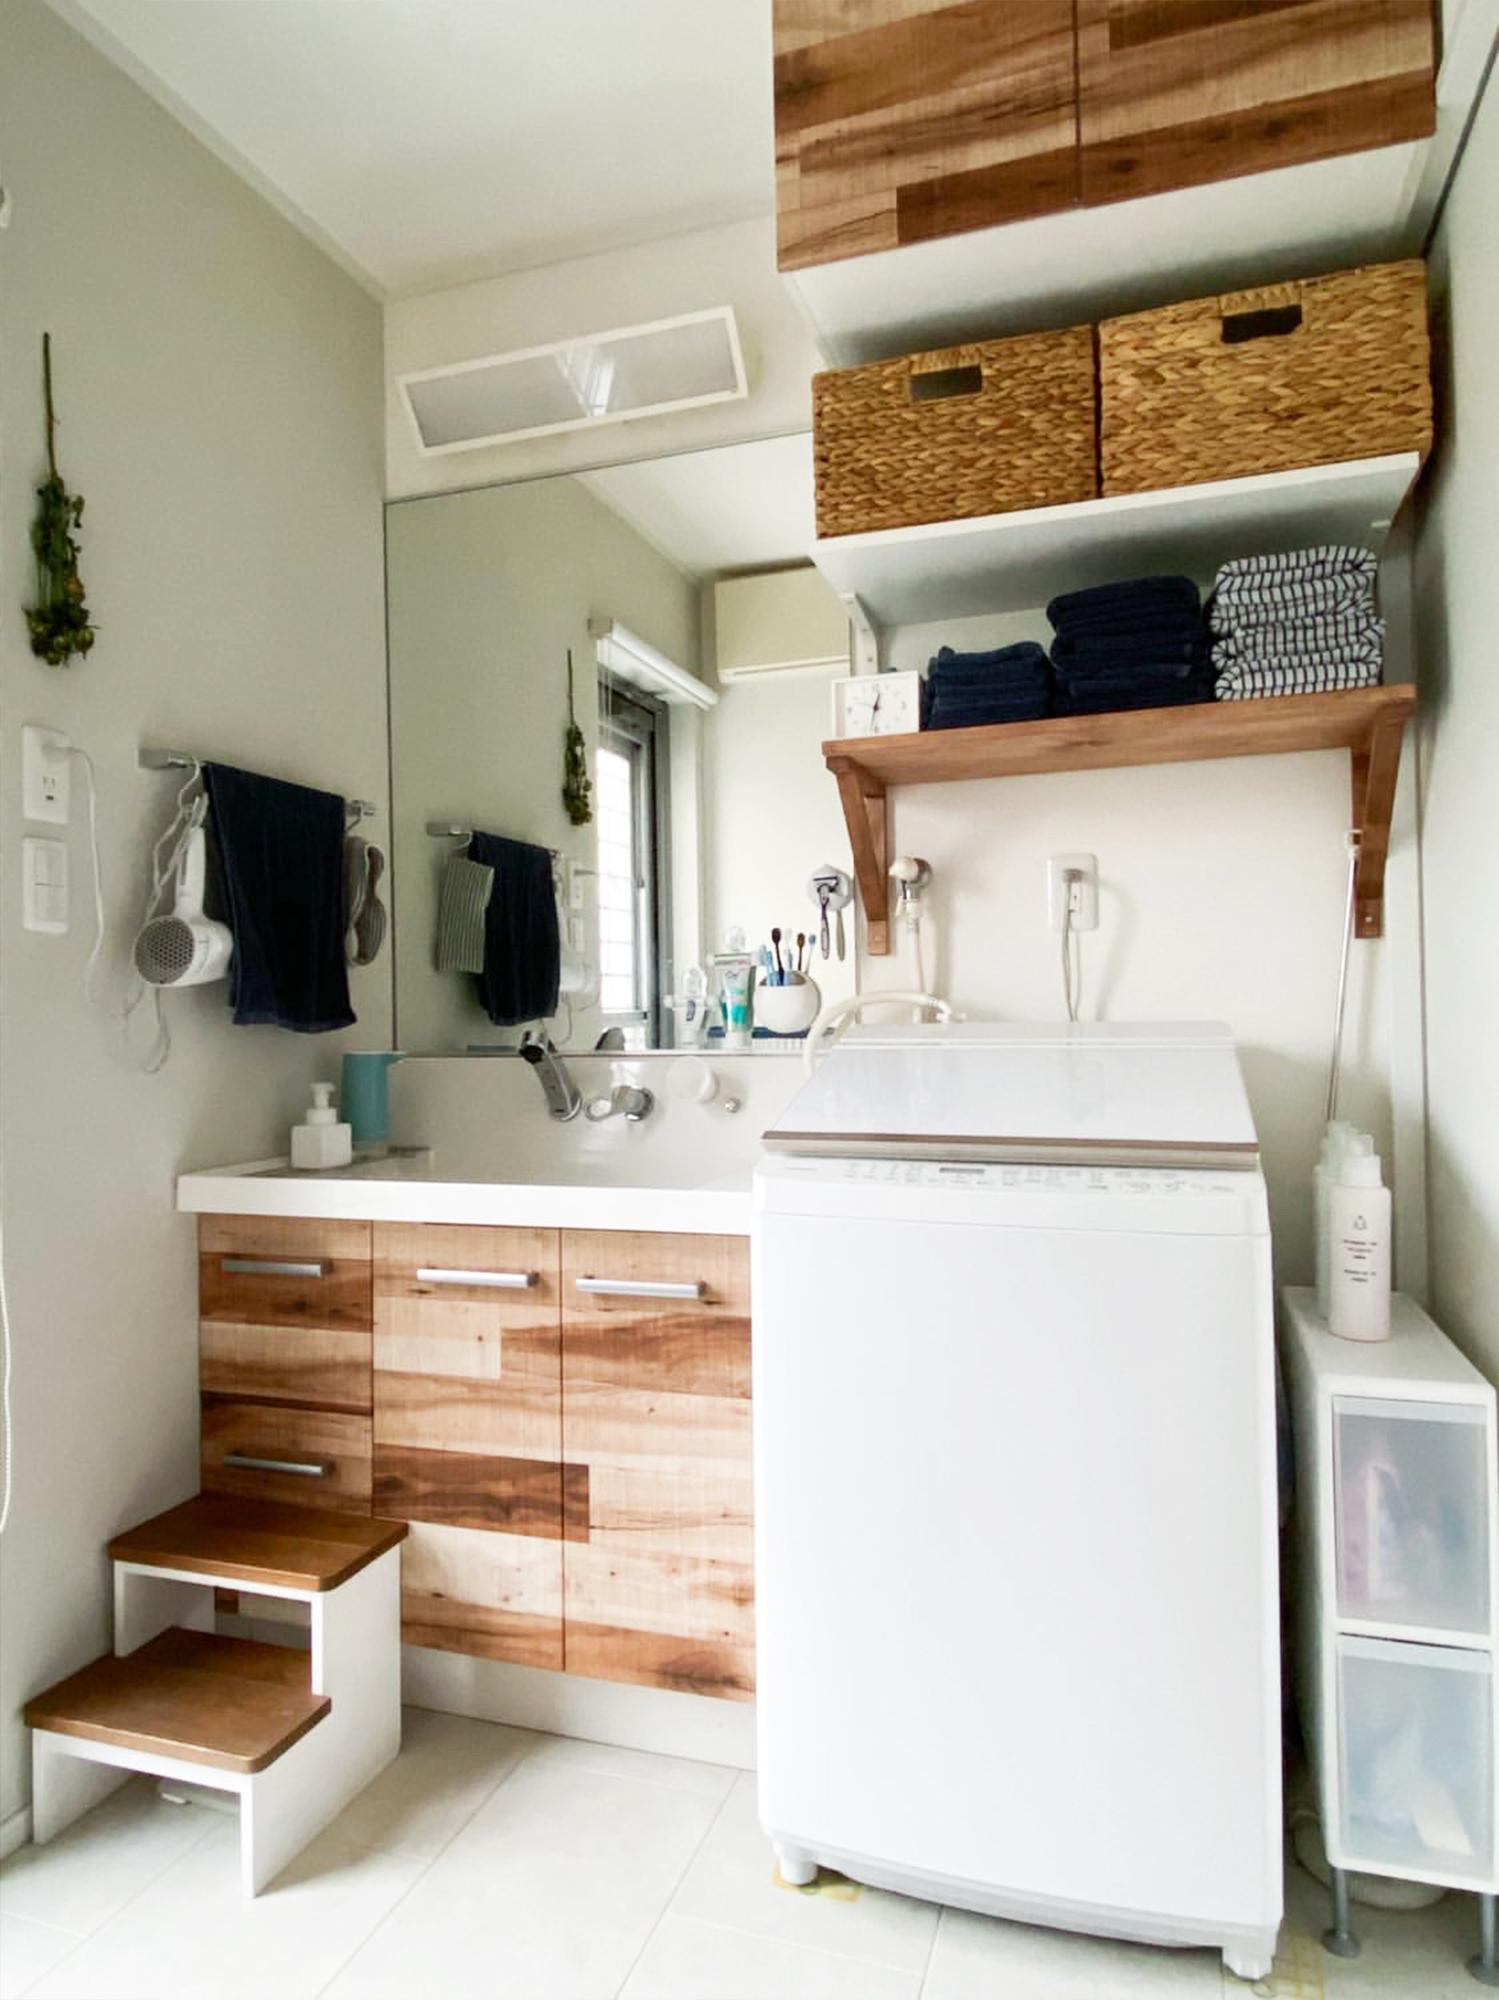 洗面台は木目調をアクセントにDIY。